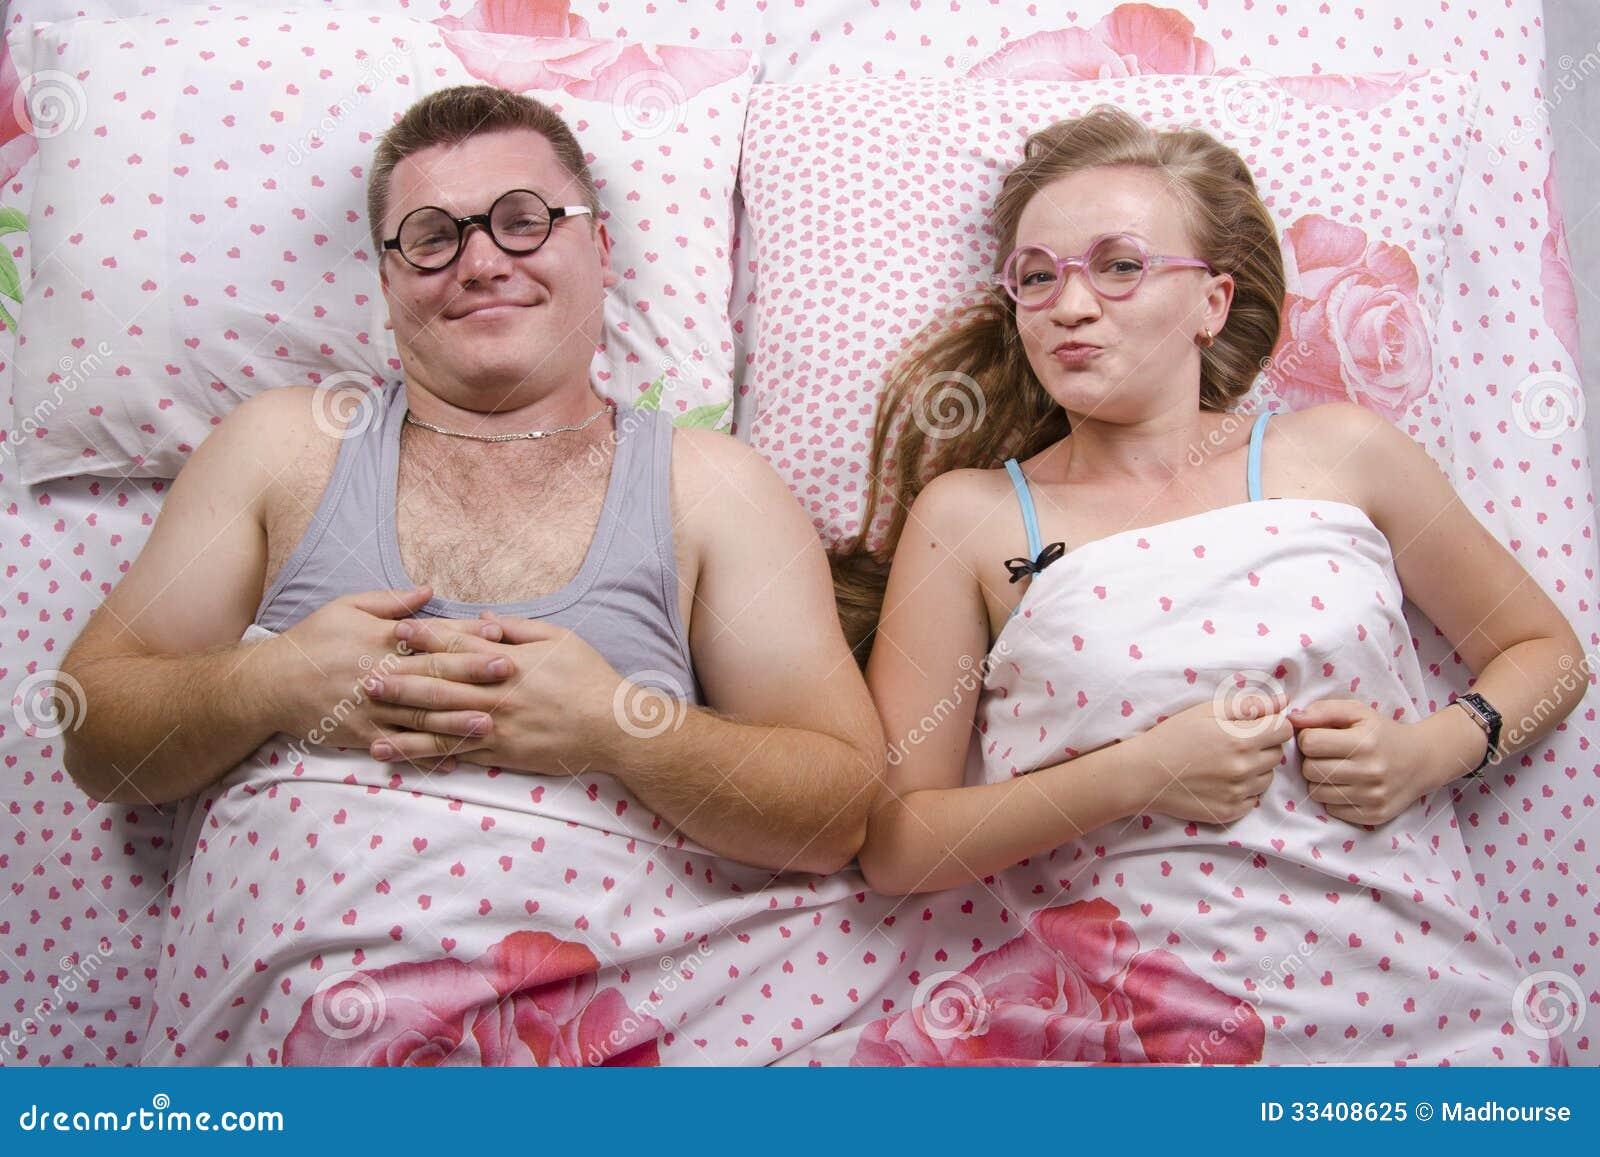 Фото с женой в кровати 22 фотография